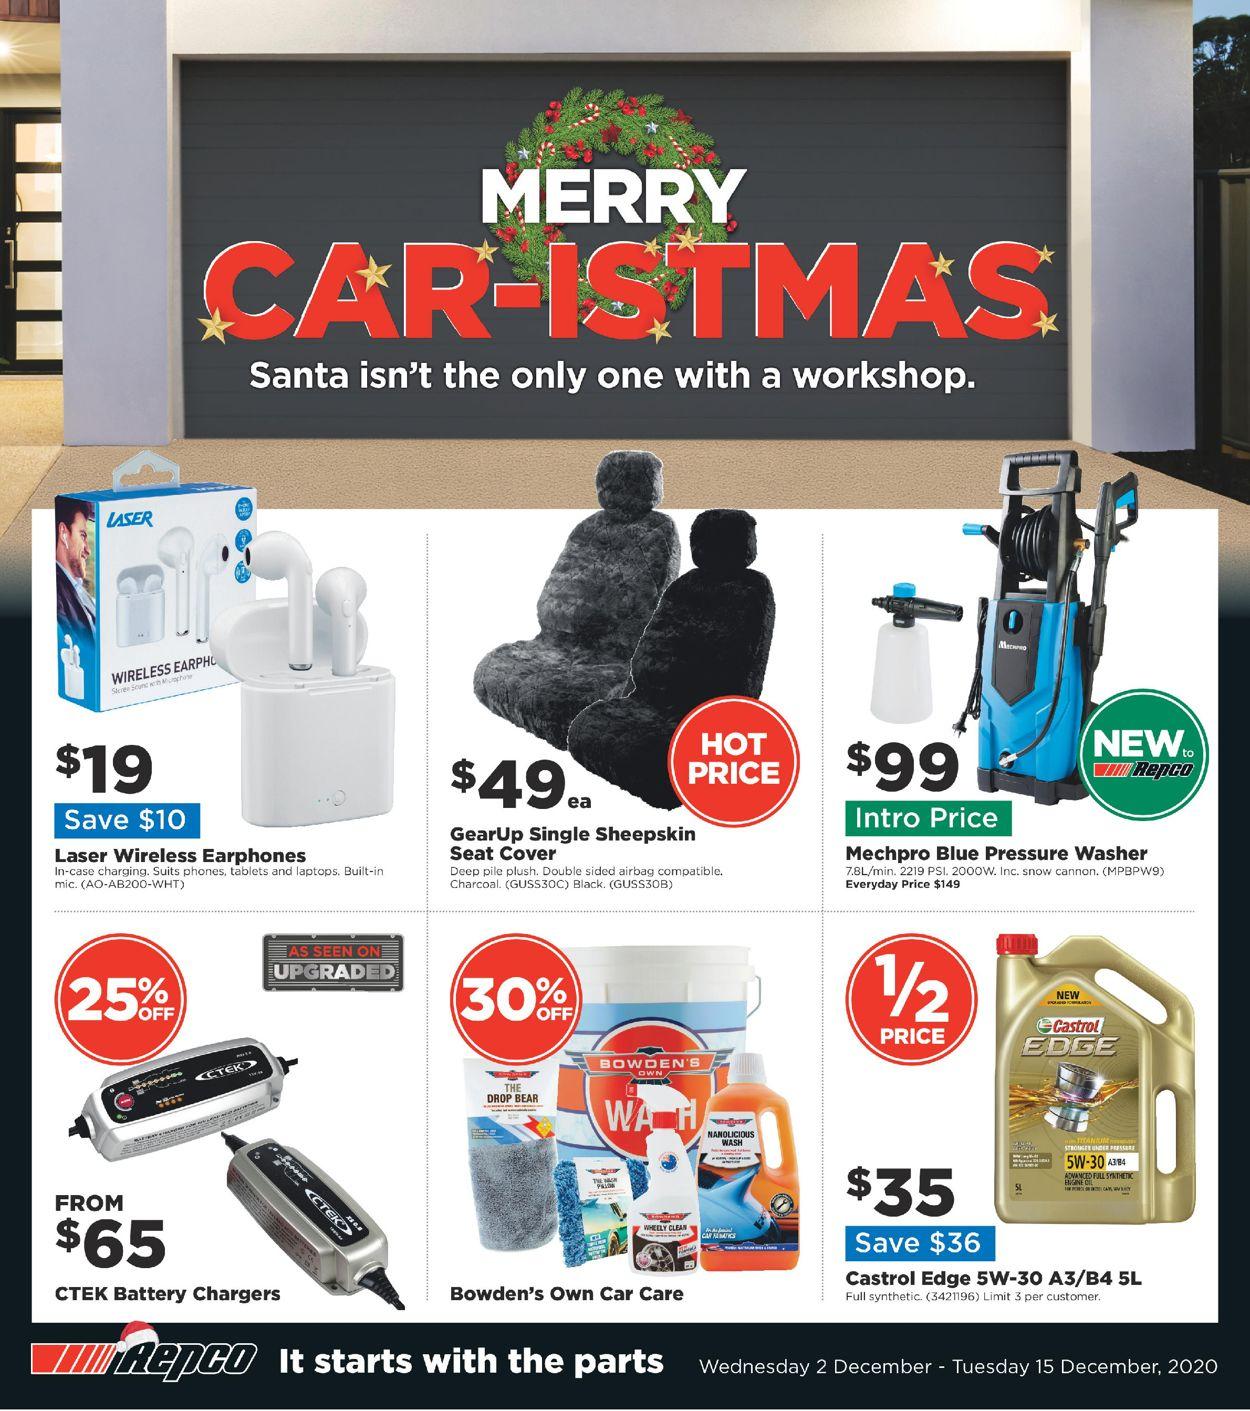 Repco - Car-istmas 2020 Catalogue - 02/12-15/12/2020